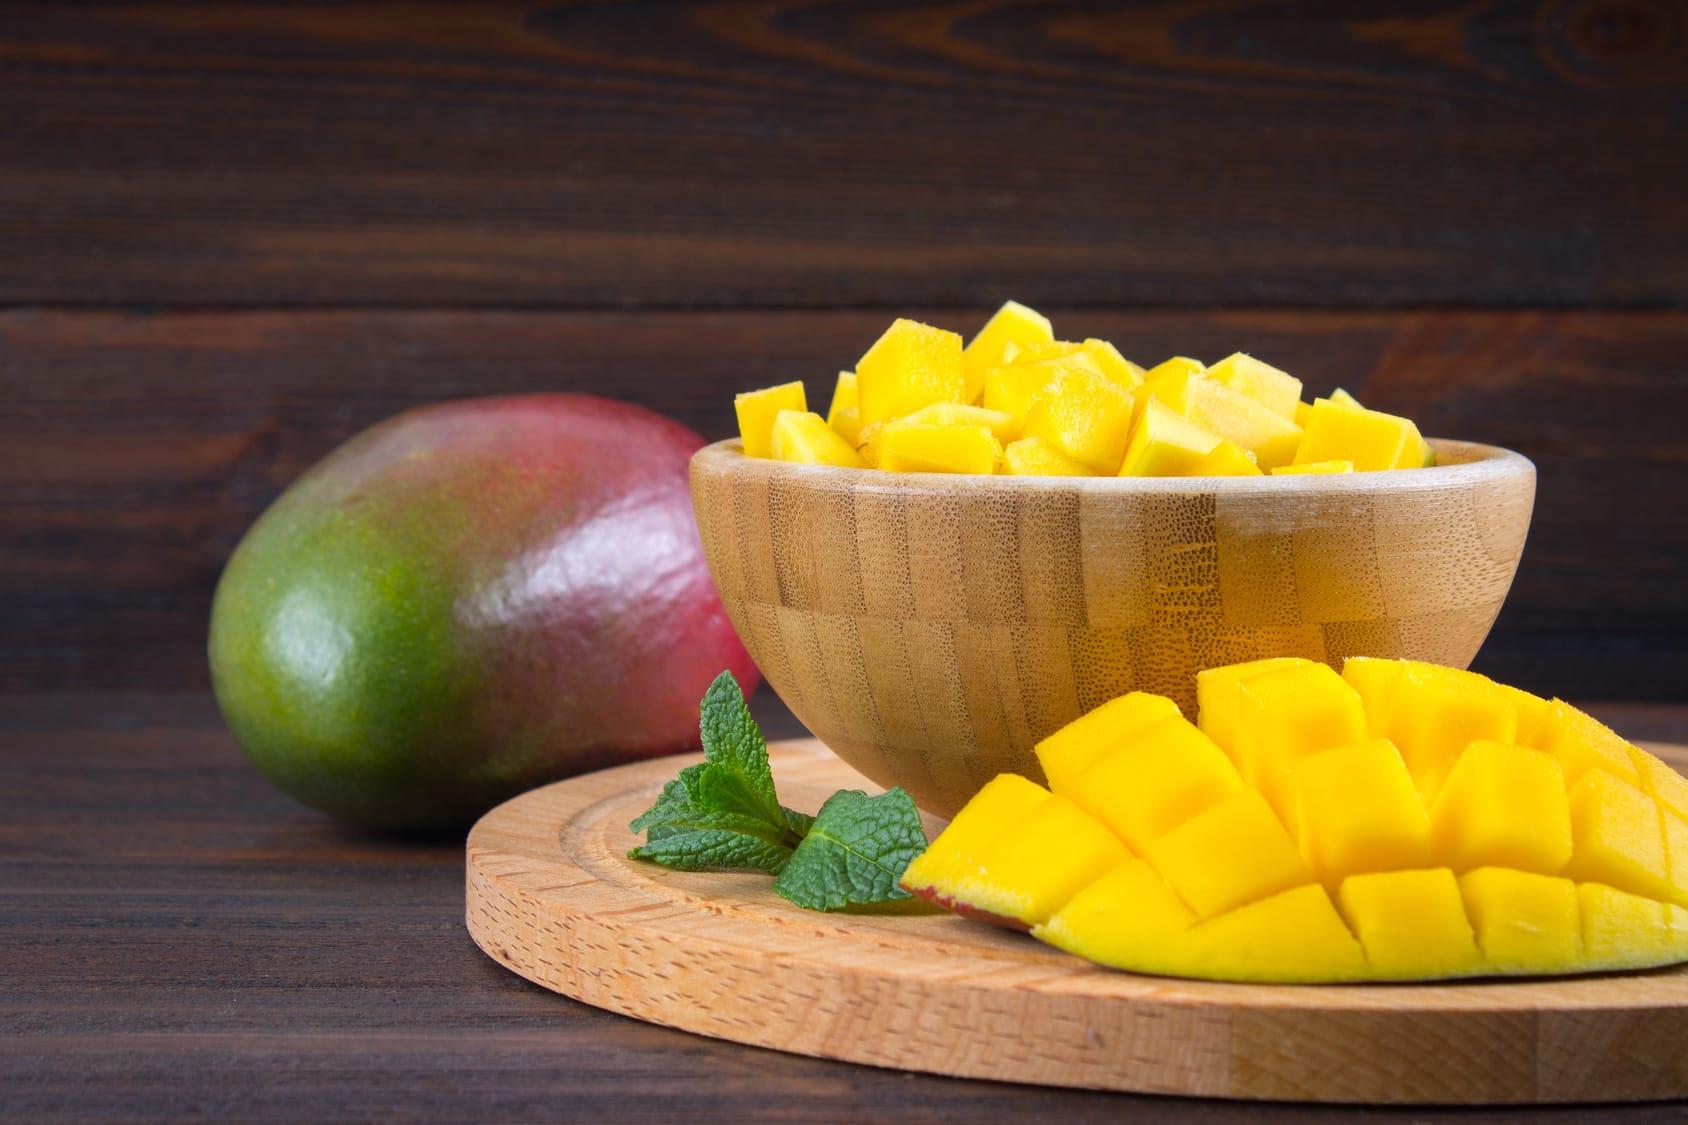 Mango schneiden leicht gemacht – 2 Methoden Schritt für Schritt